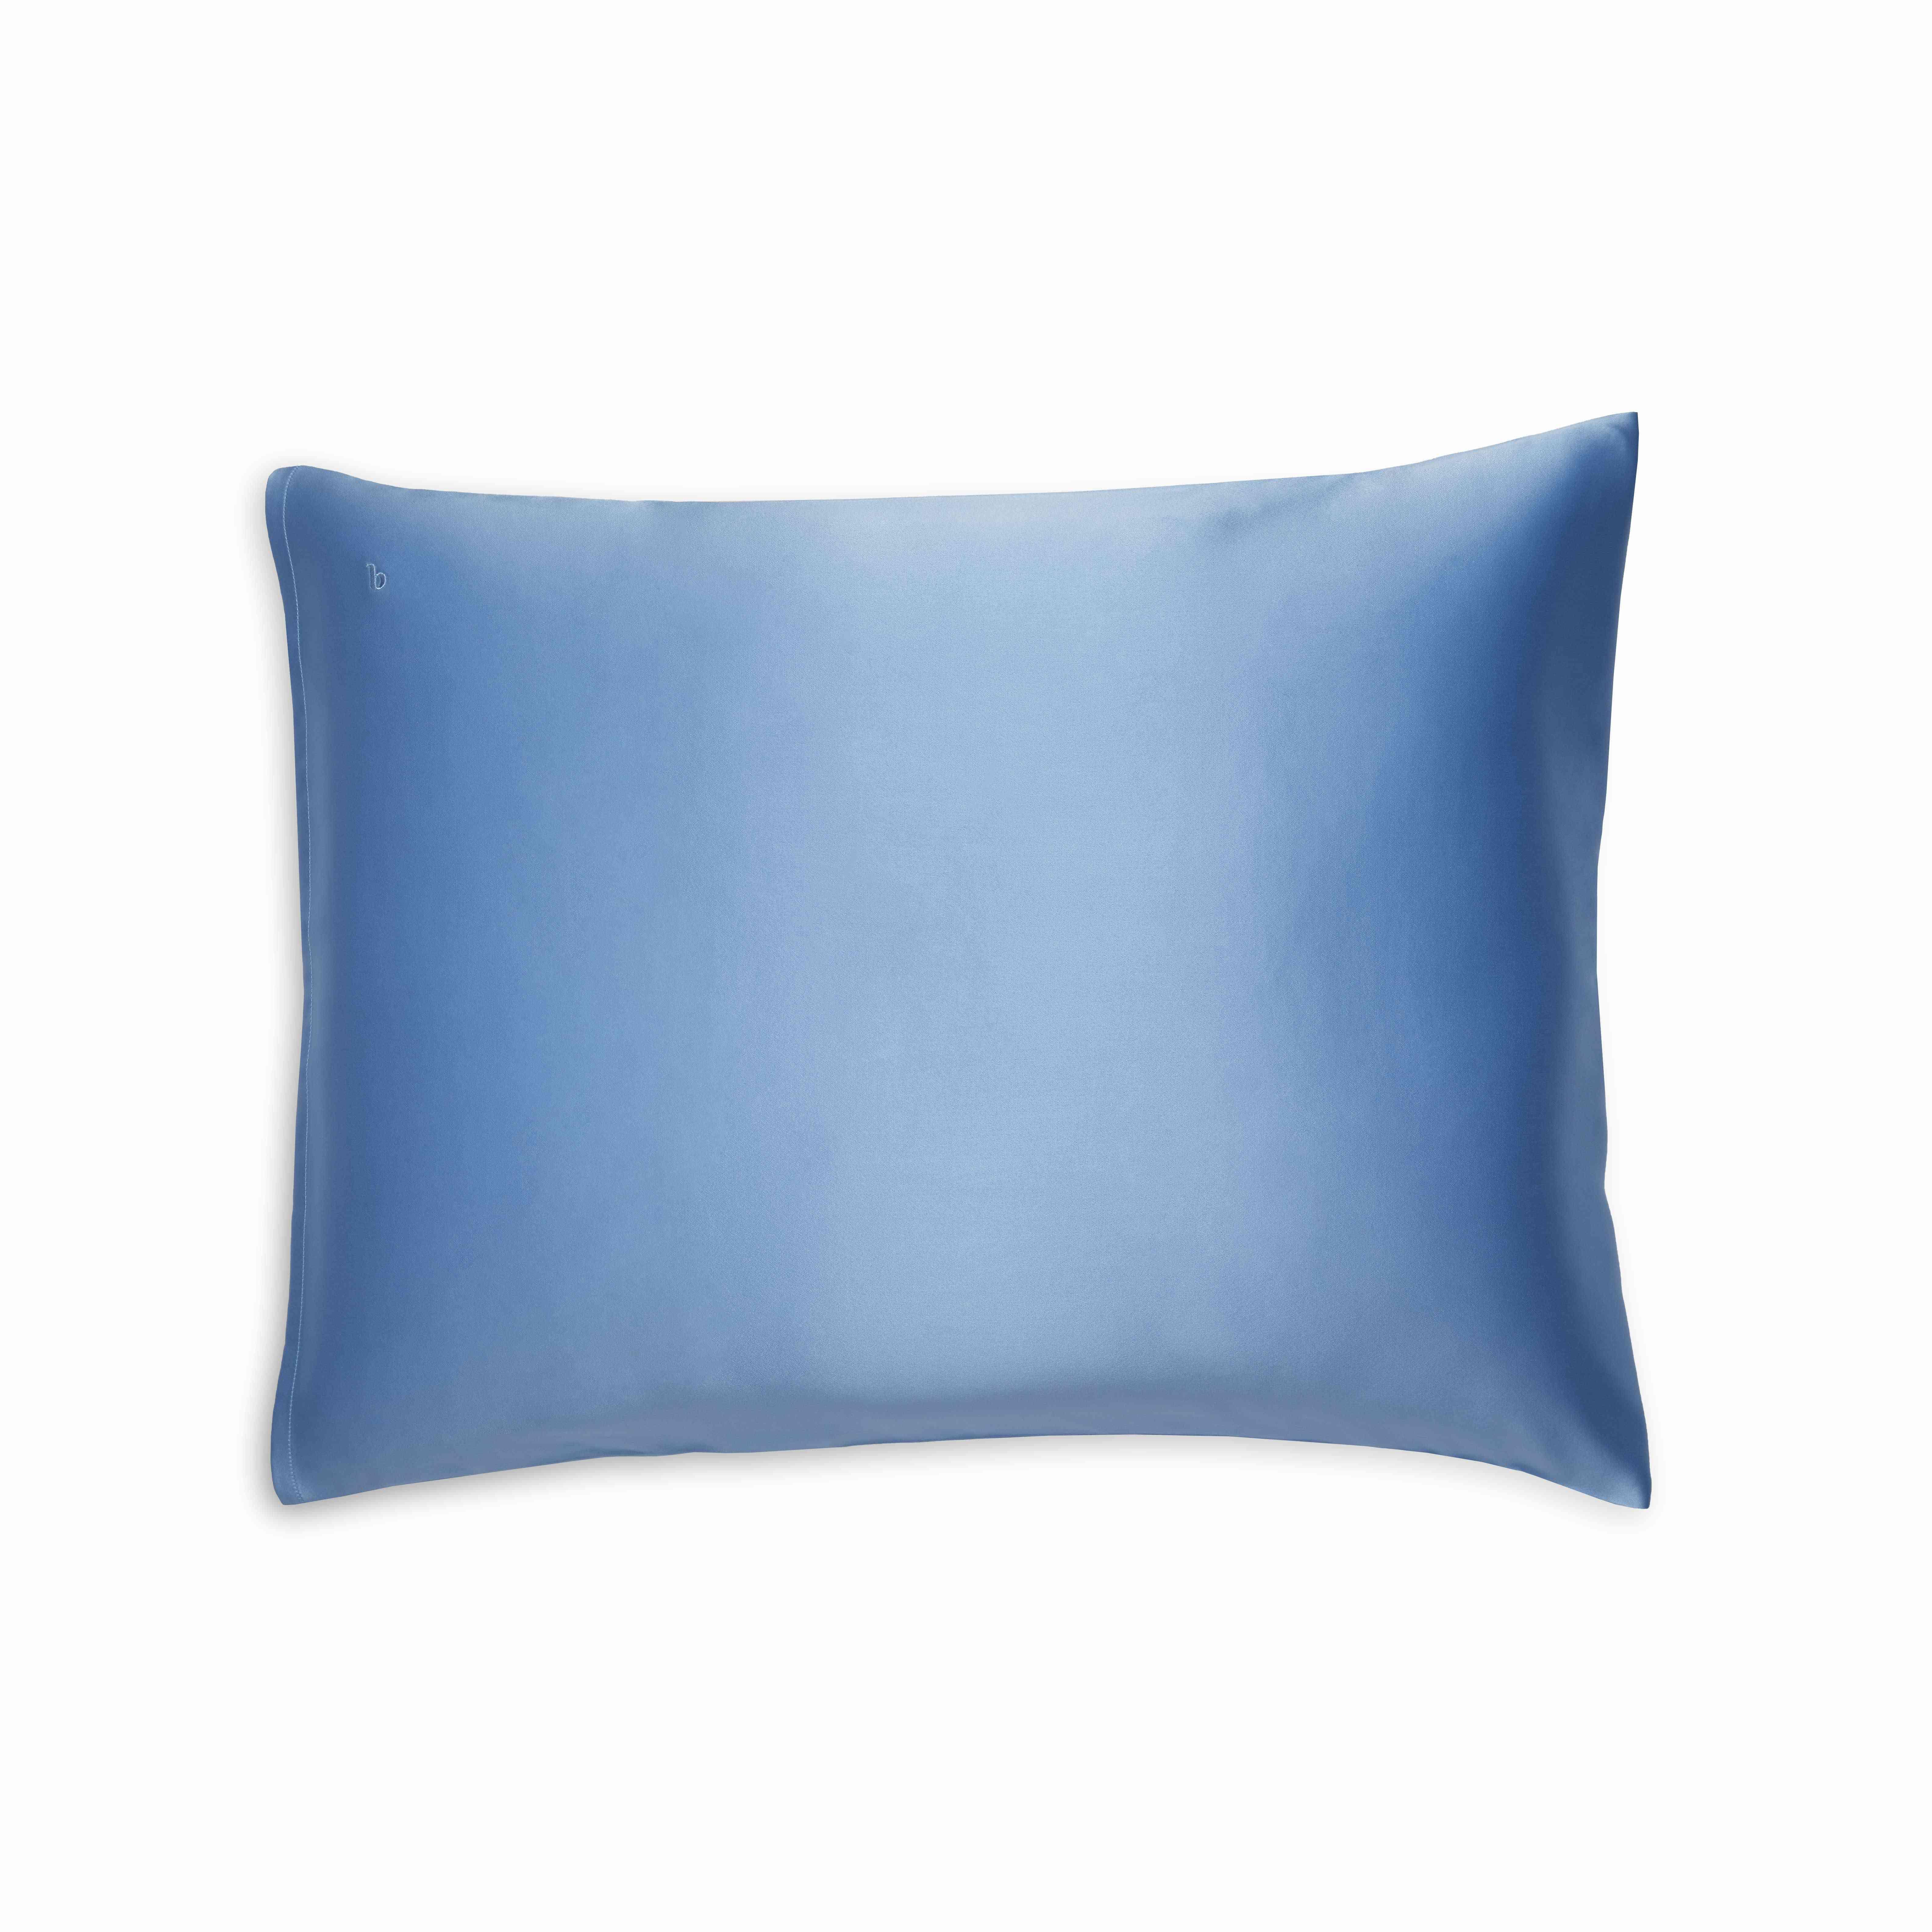 Brooklinen silk pillowcase in cerulean